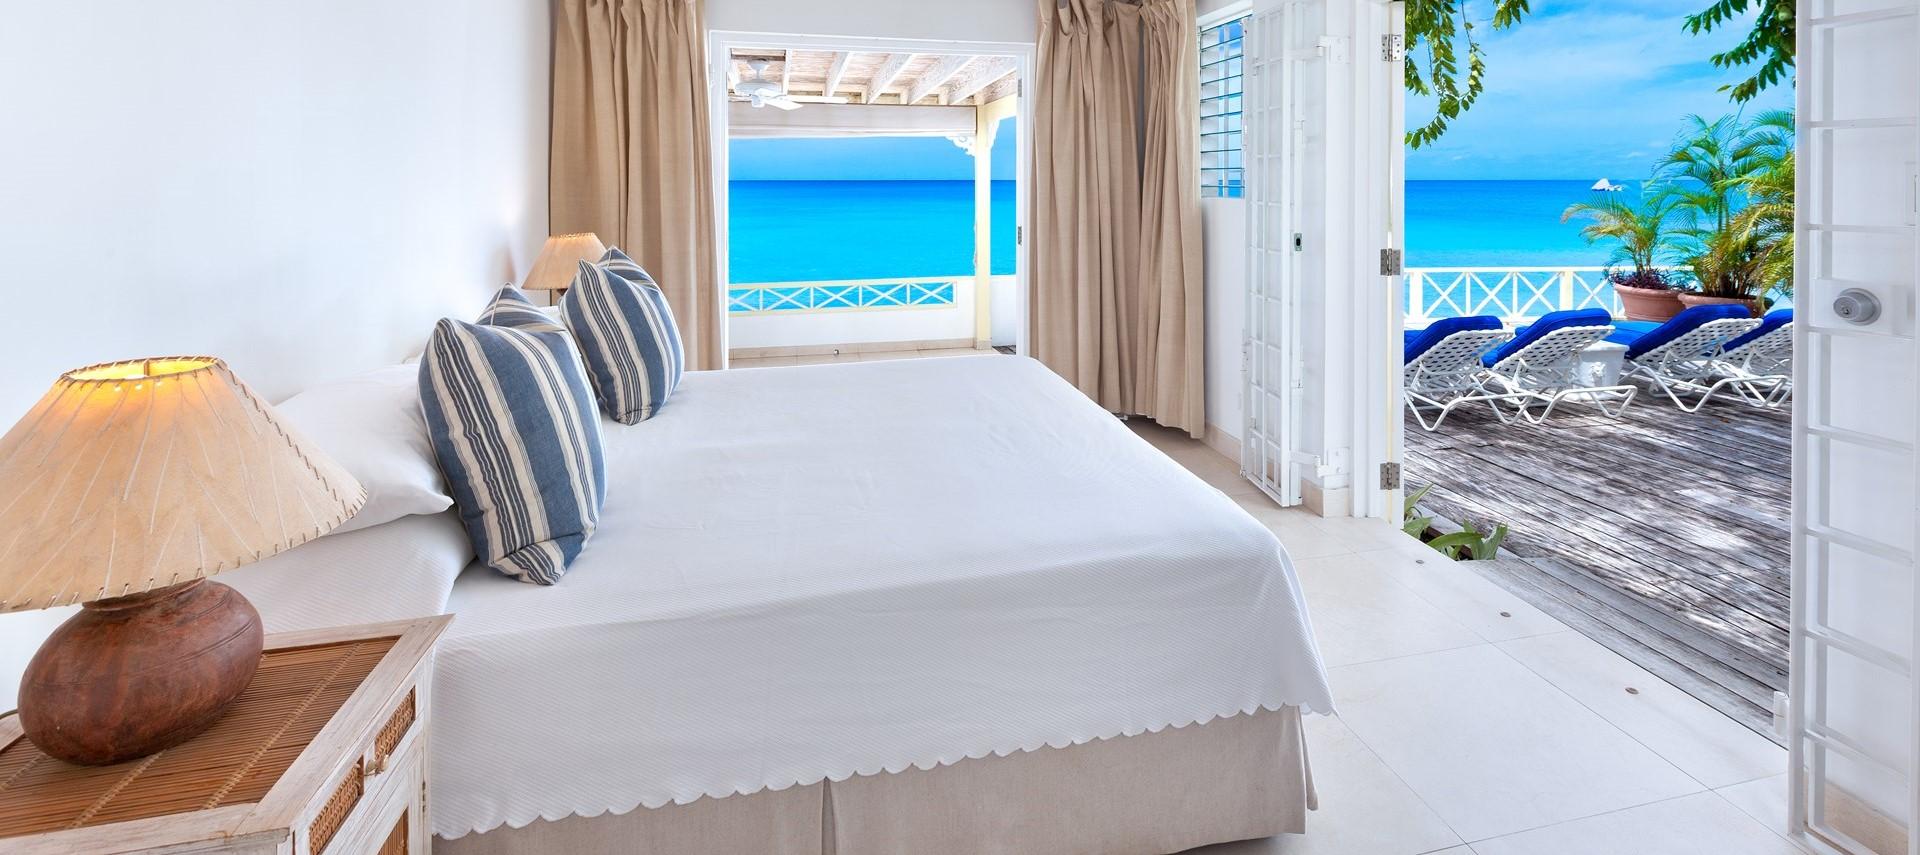 luxury-3-bed-family-villa-barbados